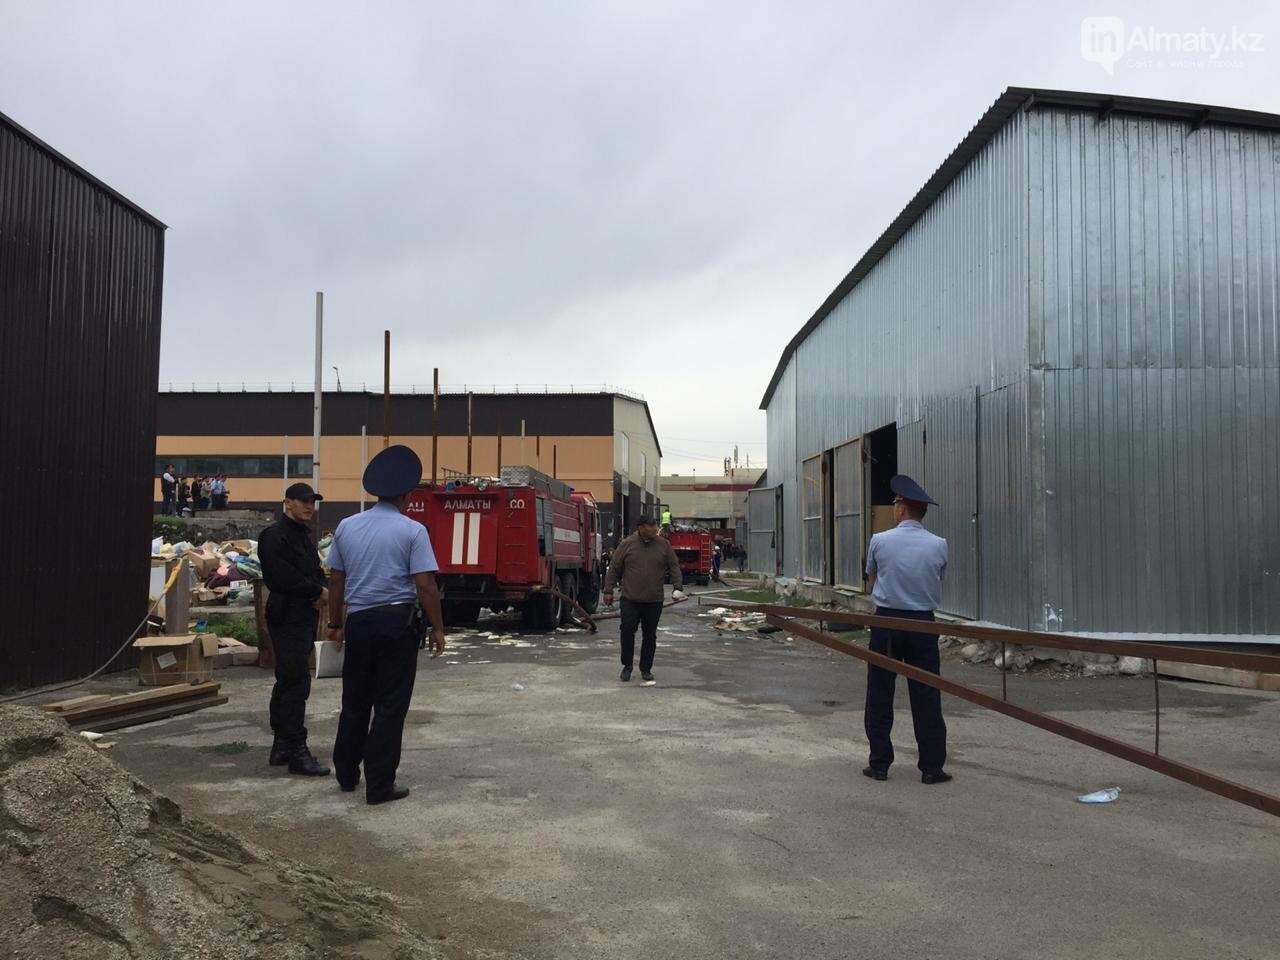 Пожар на складе рынка в Алматы: вертолеты направили на тушение, фото-3